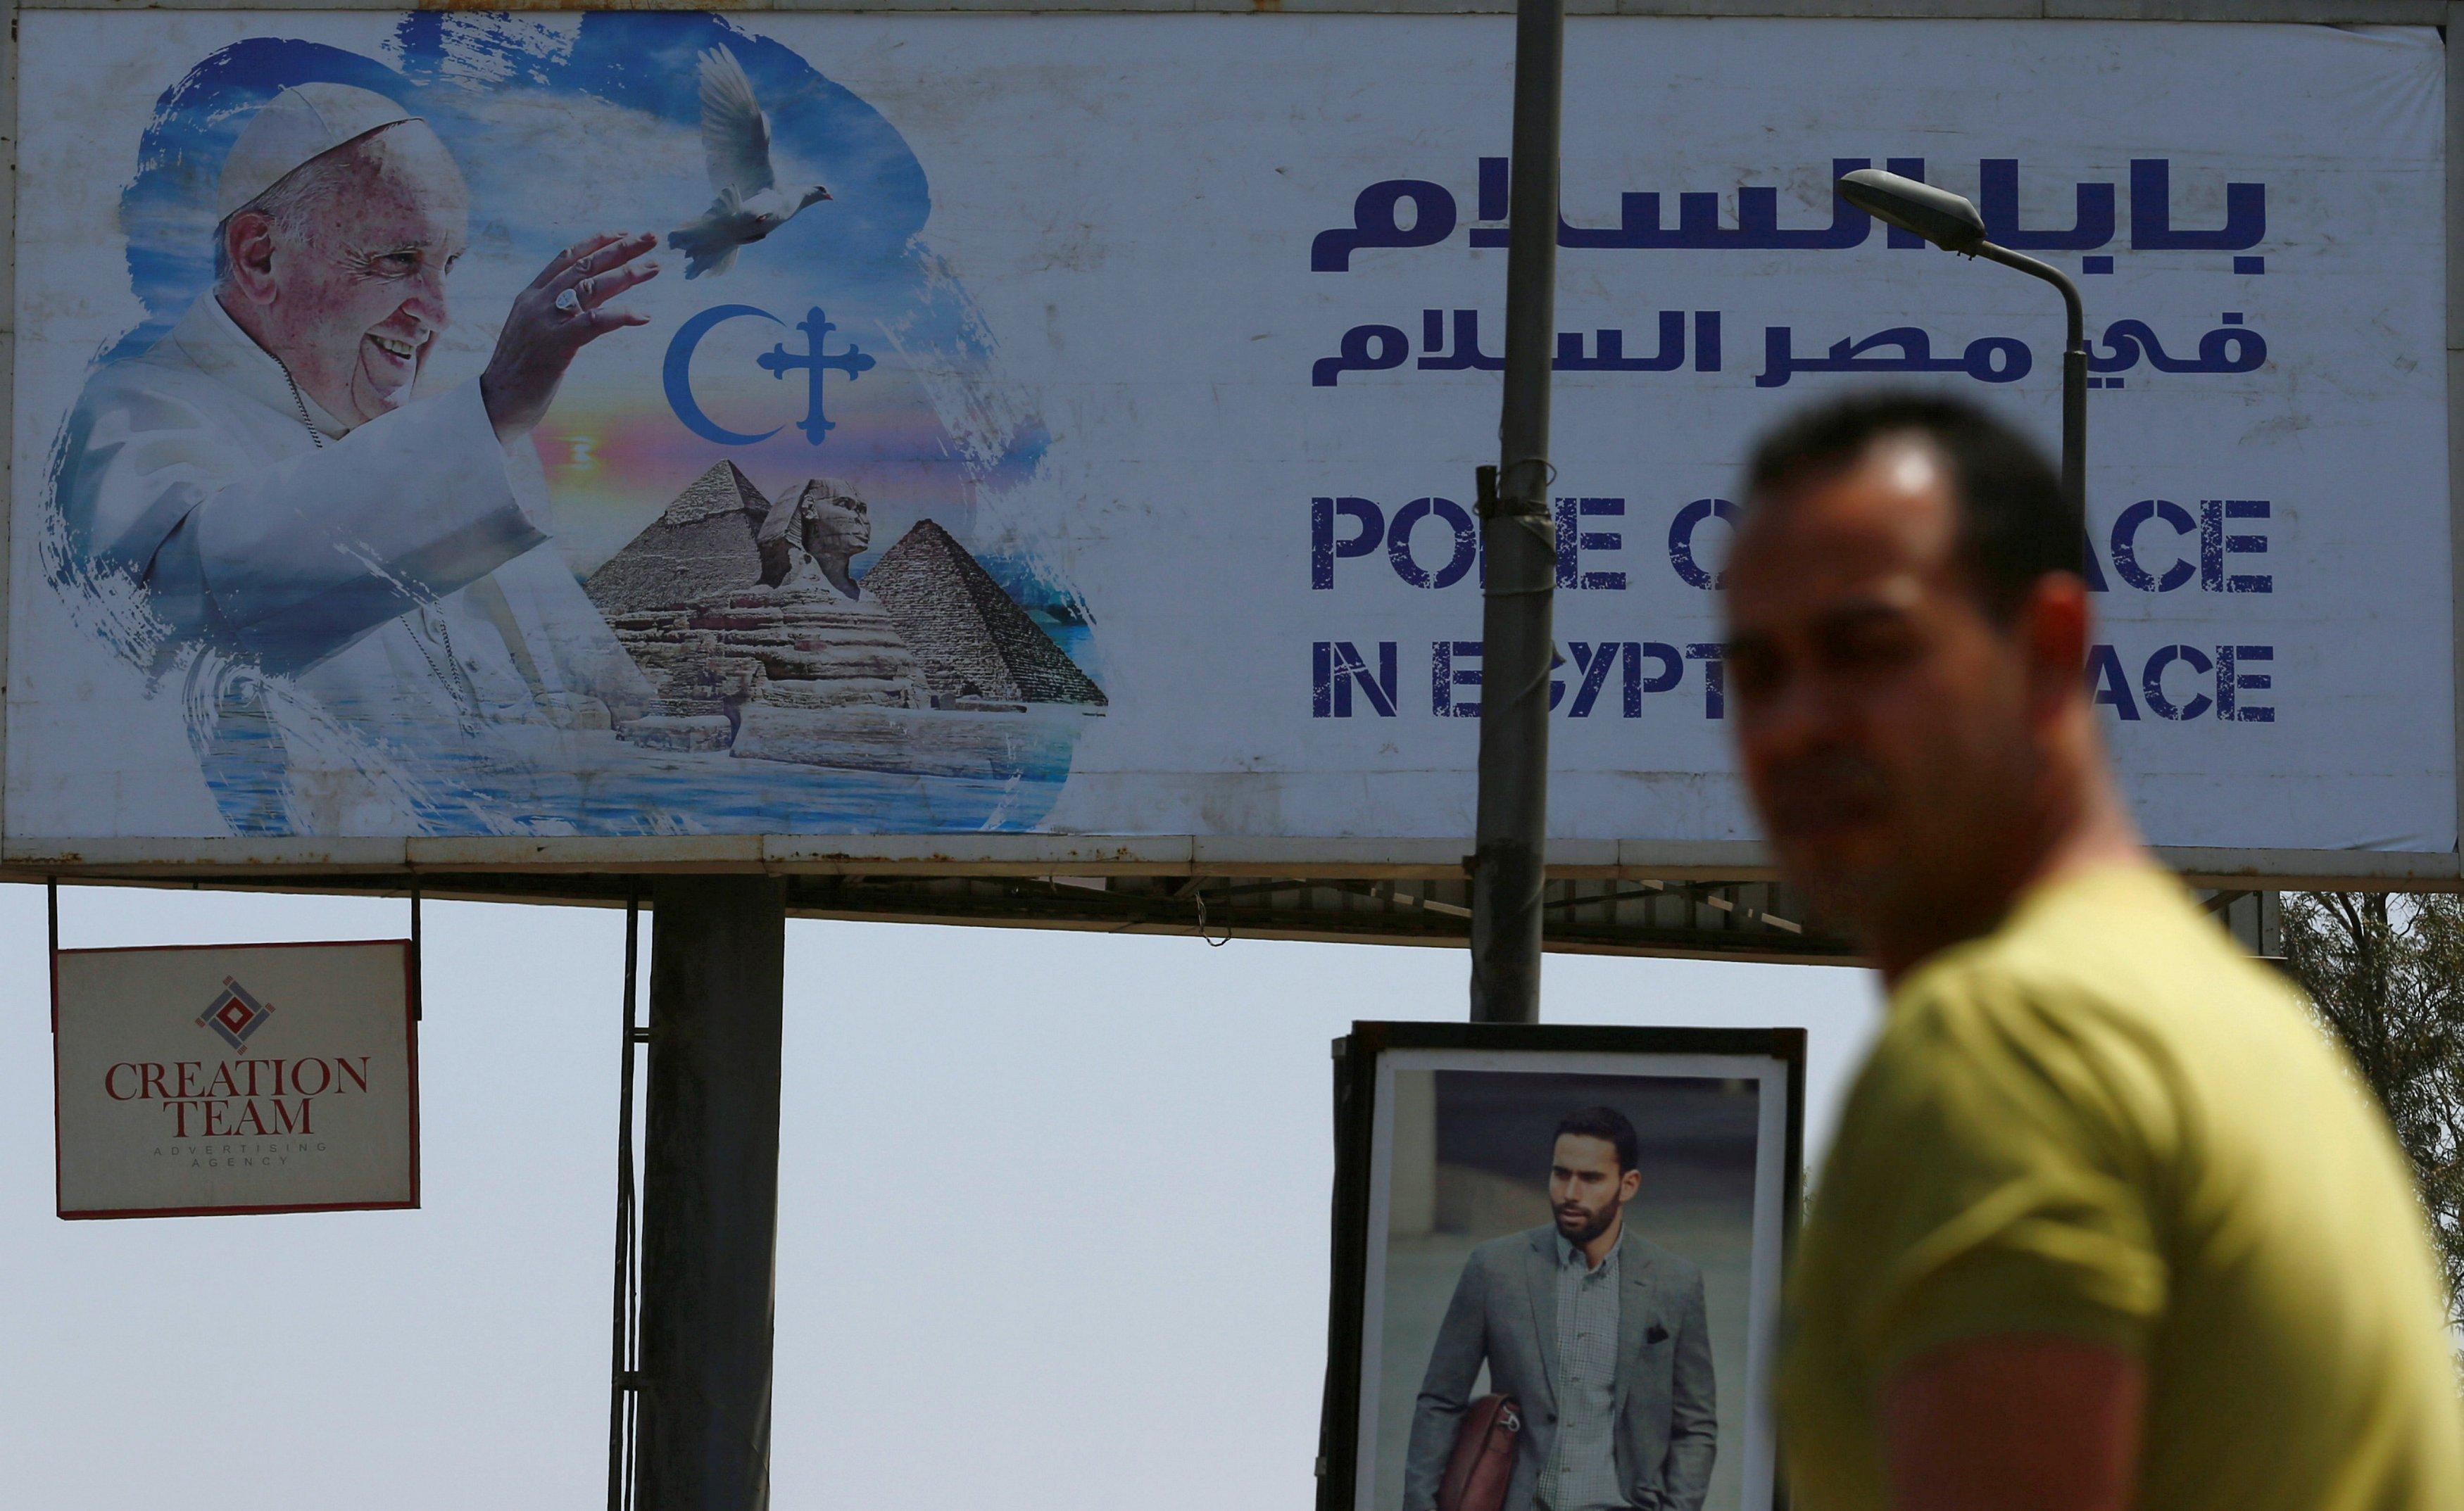 """لوحات الترحيب بـ """"البابا فرانسيس"""" تزين شوارع القاهرة"""